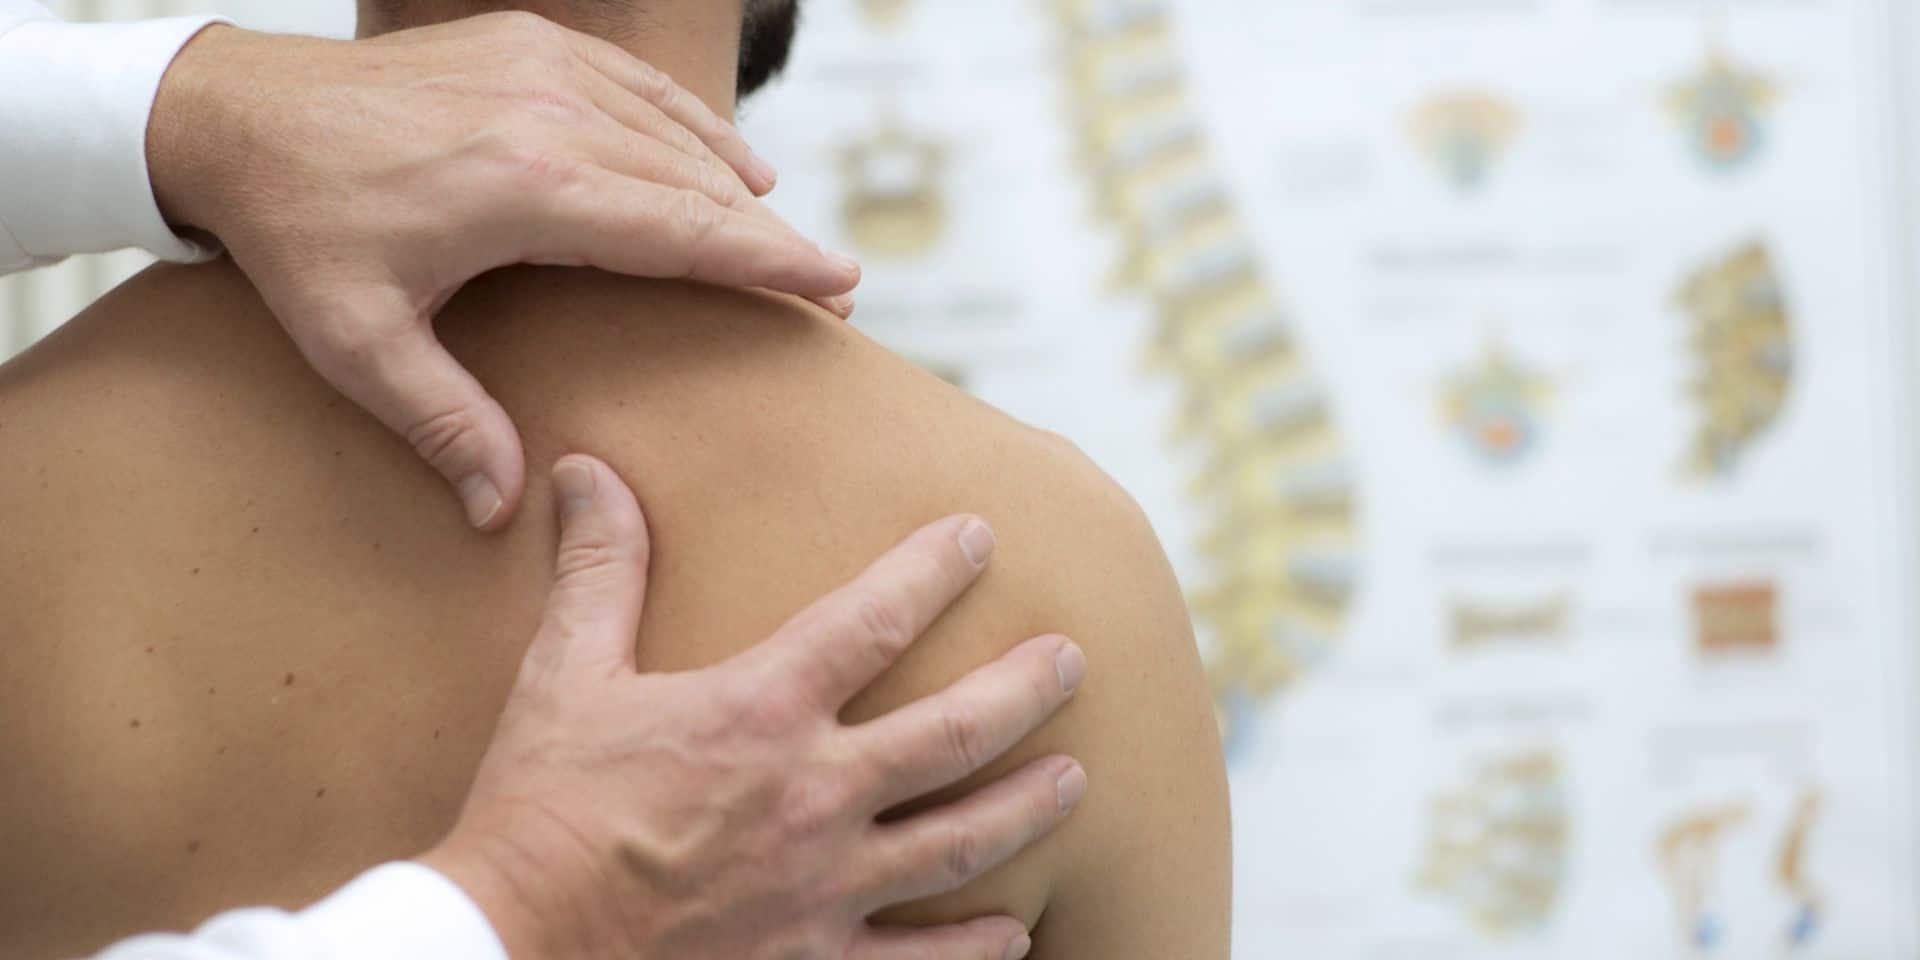 Les ostéopathes et les chiropracteurs obtiennent gain de cause devant la Cour constitutionnelle